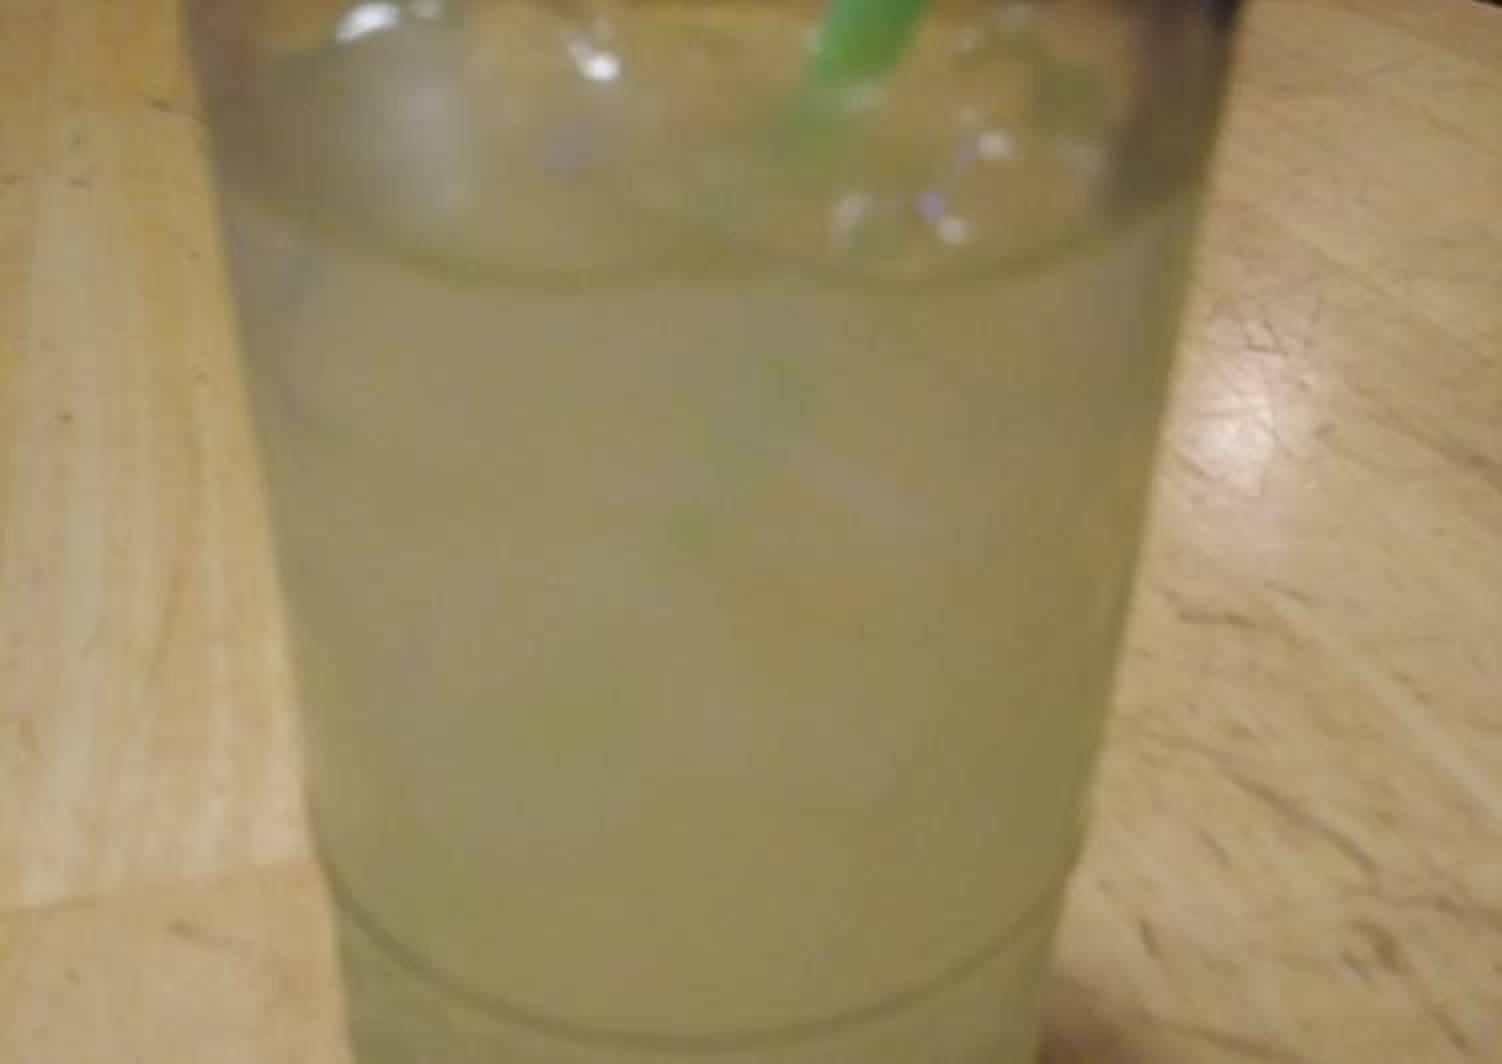 Milk Gallon Margarita